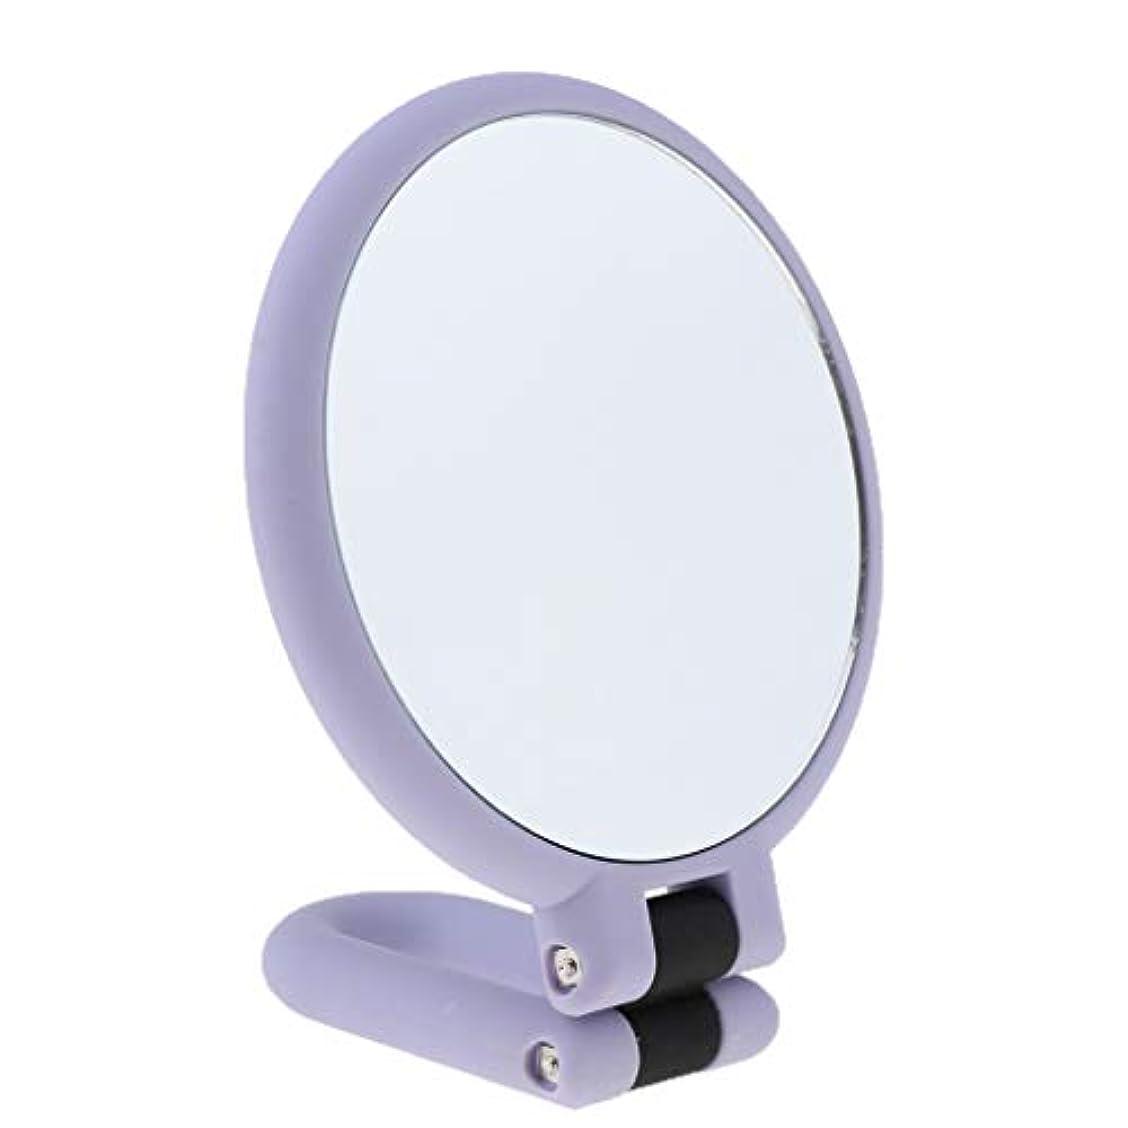 意図する東方グレード化粧鏡 拡大鏡 卓上ミラー 折り畳み式 両面ミラー メイクミラー 3サイズ - 15倍の拡大鏡